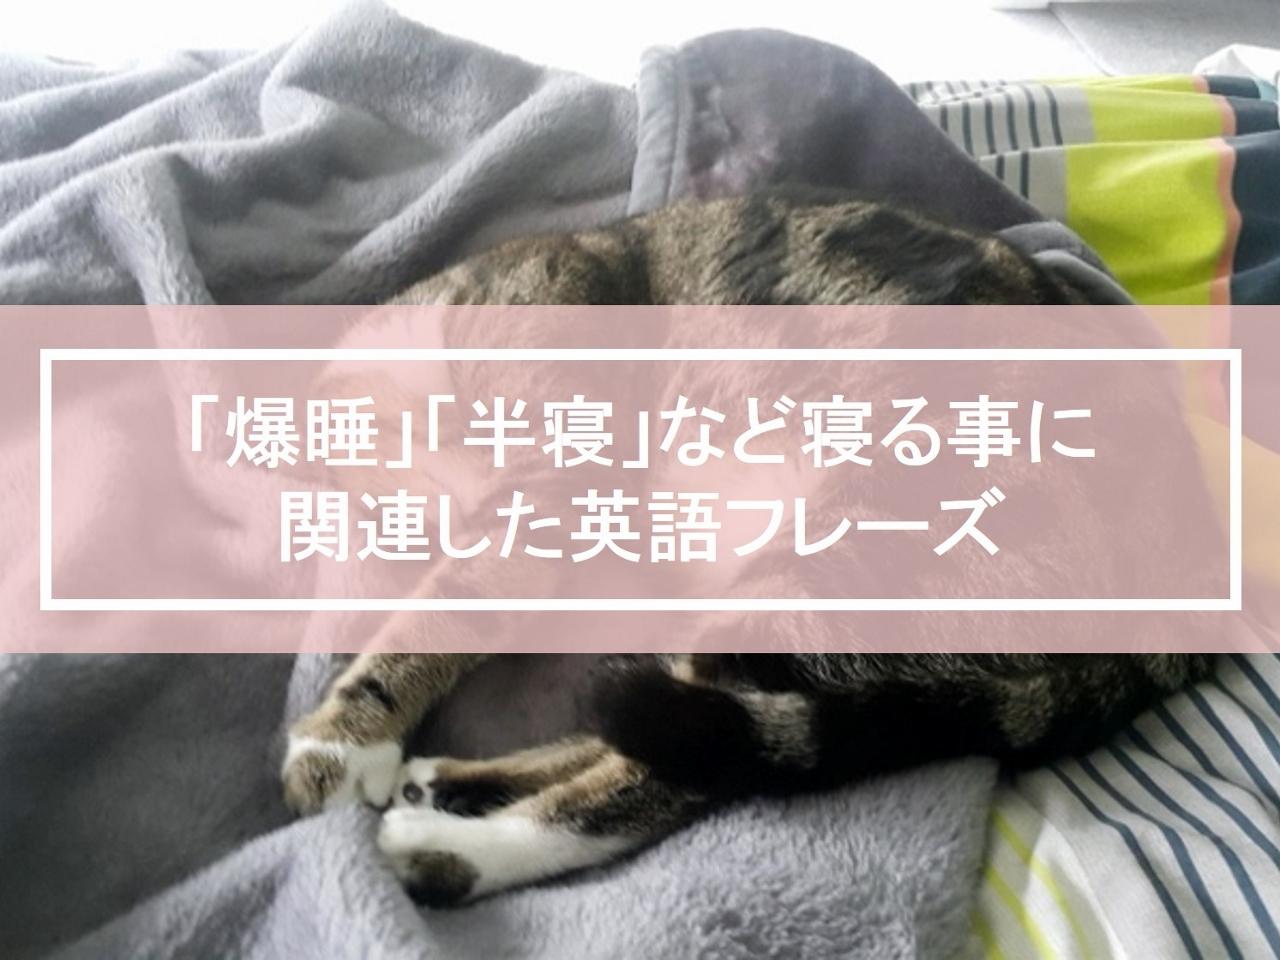 「爆睡」「半寝」など寝る事に関連した英語フレーズ